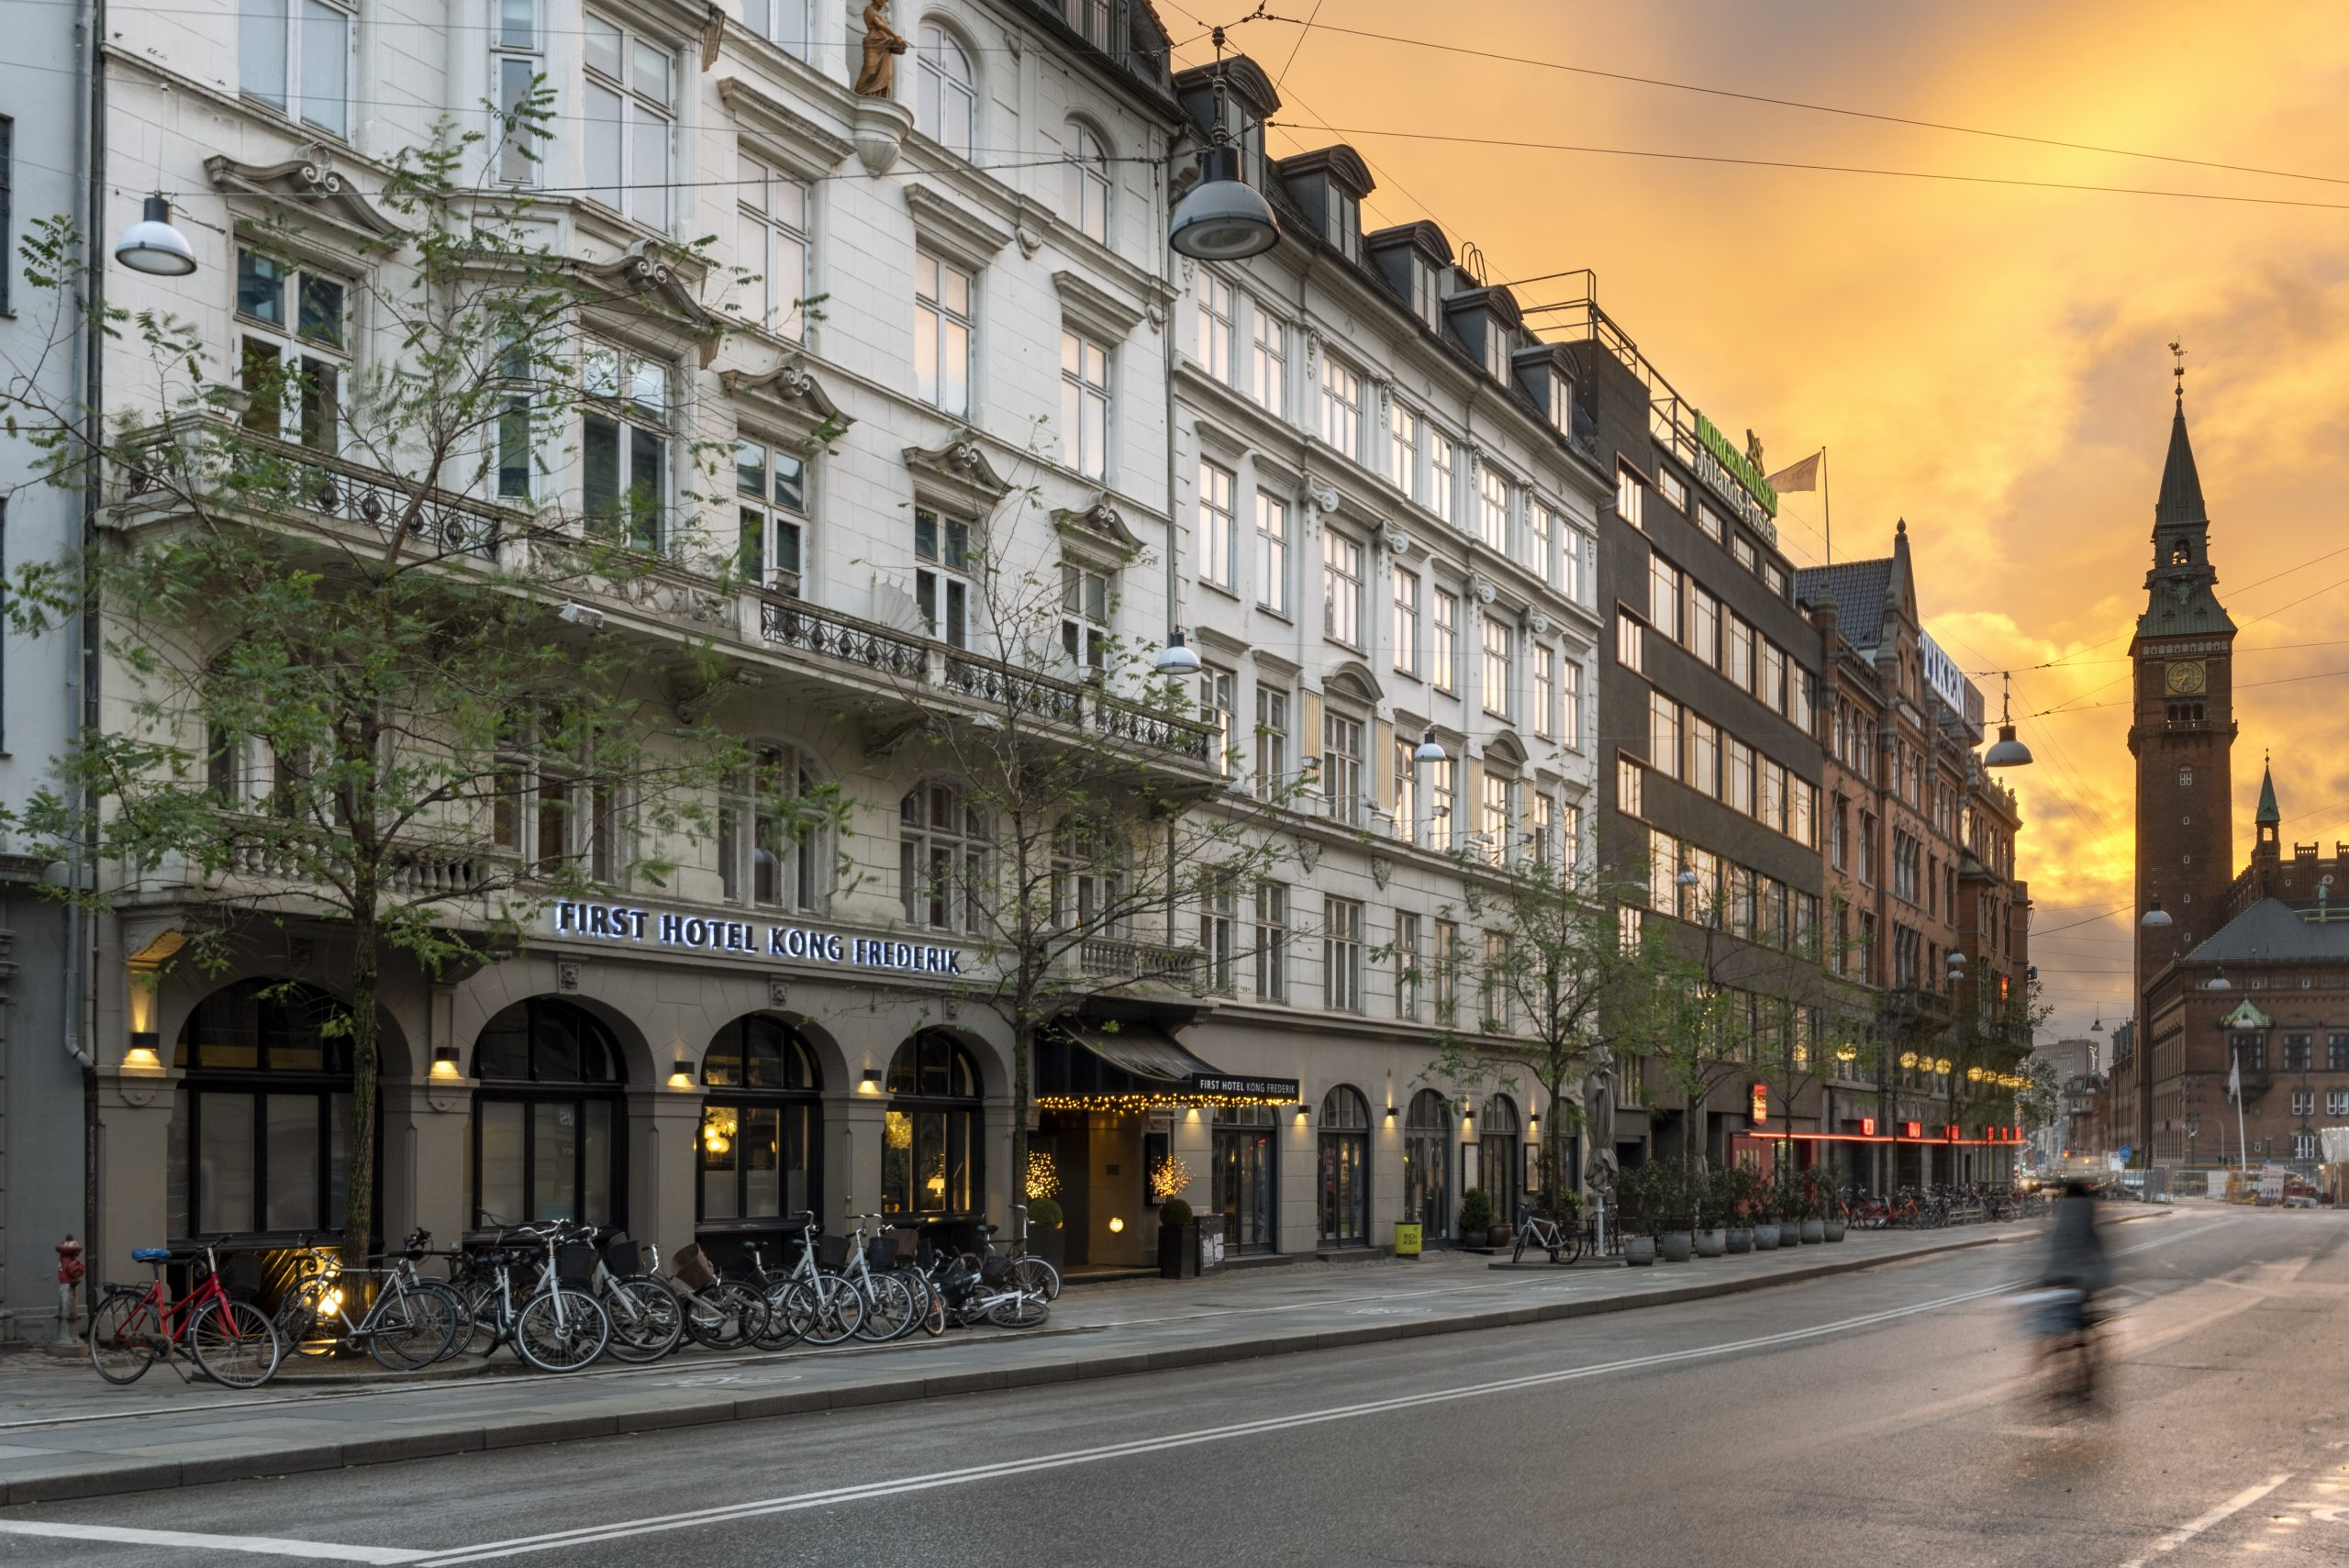 Norske First Hotels er gået konkurs i Danmark, hvilket ramte kædens tre sidste danske hoteller, blandt andet Hotel Kong Frederik, der nu drives videre af ejeren. Arkivpressefoto.